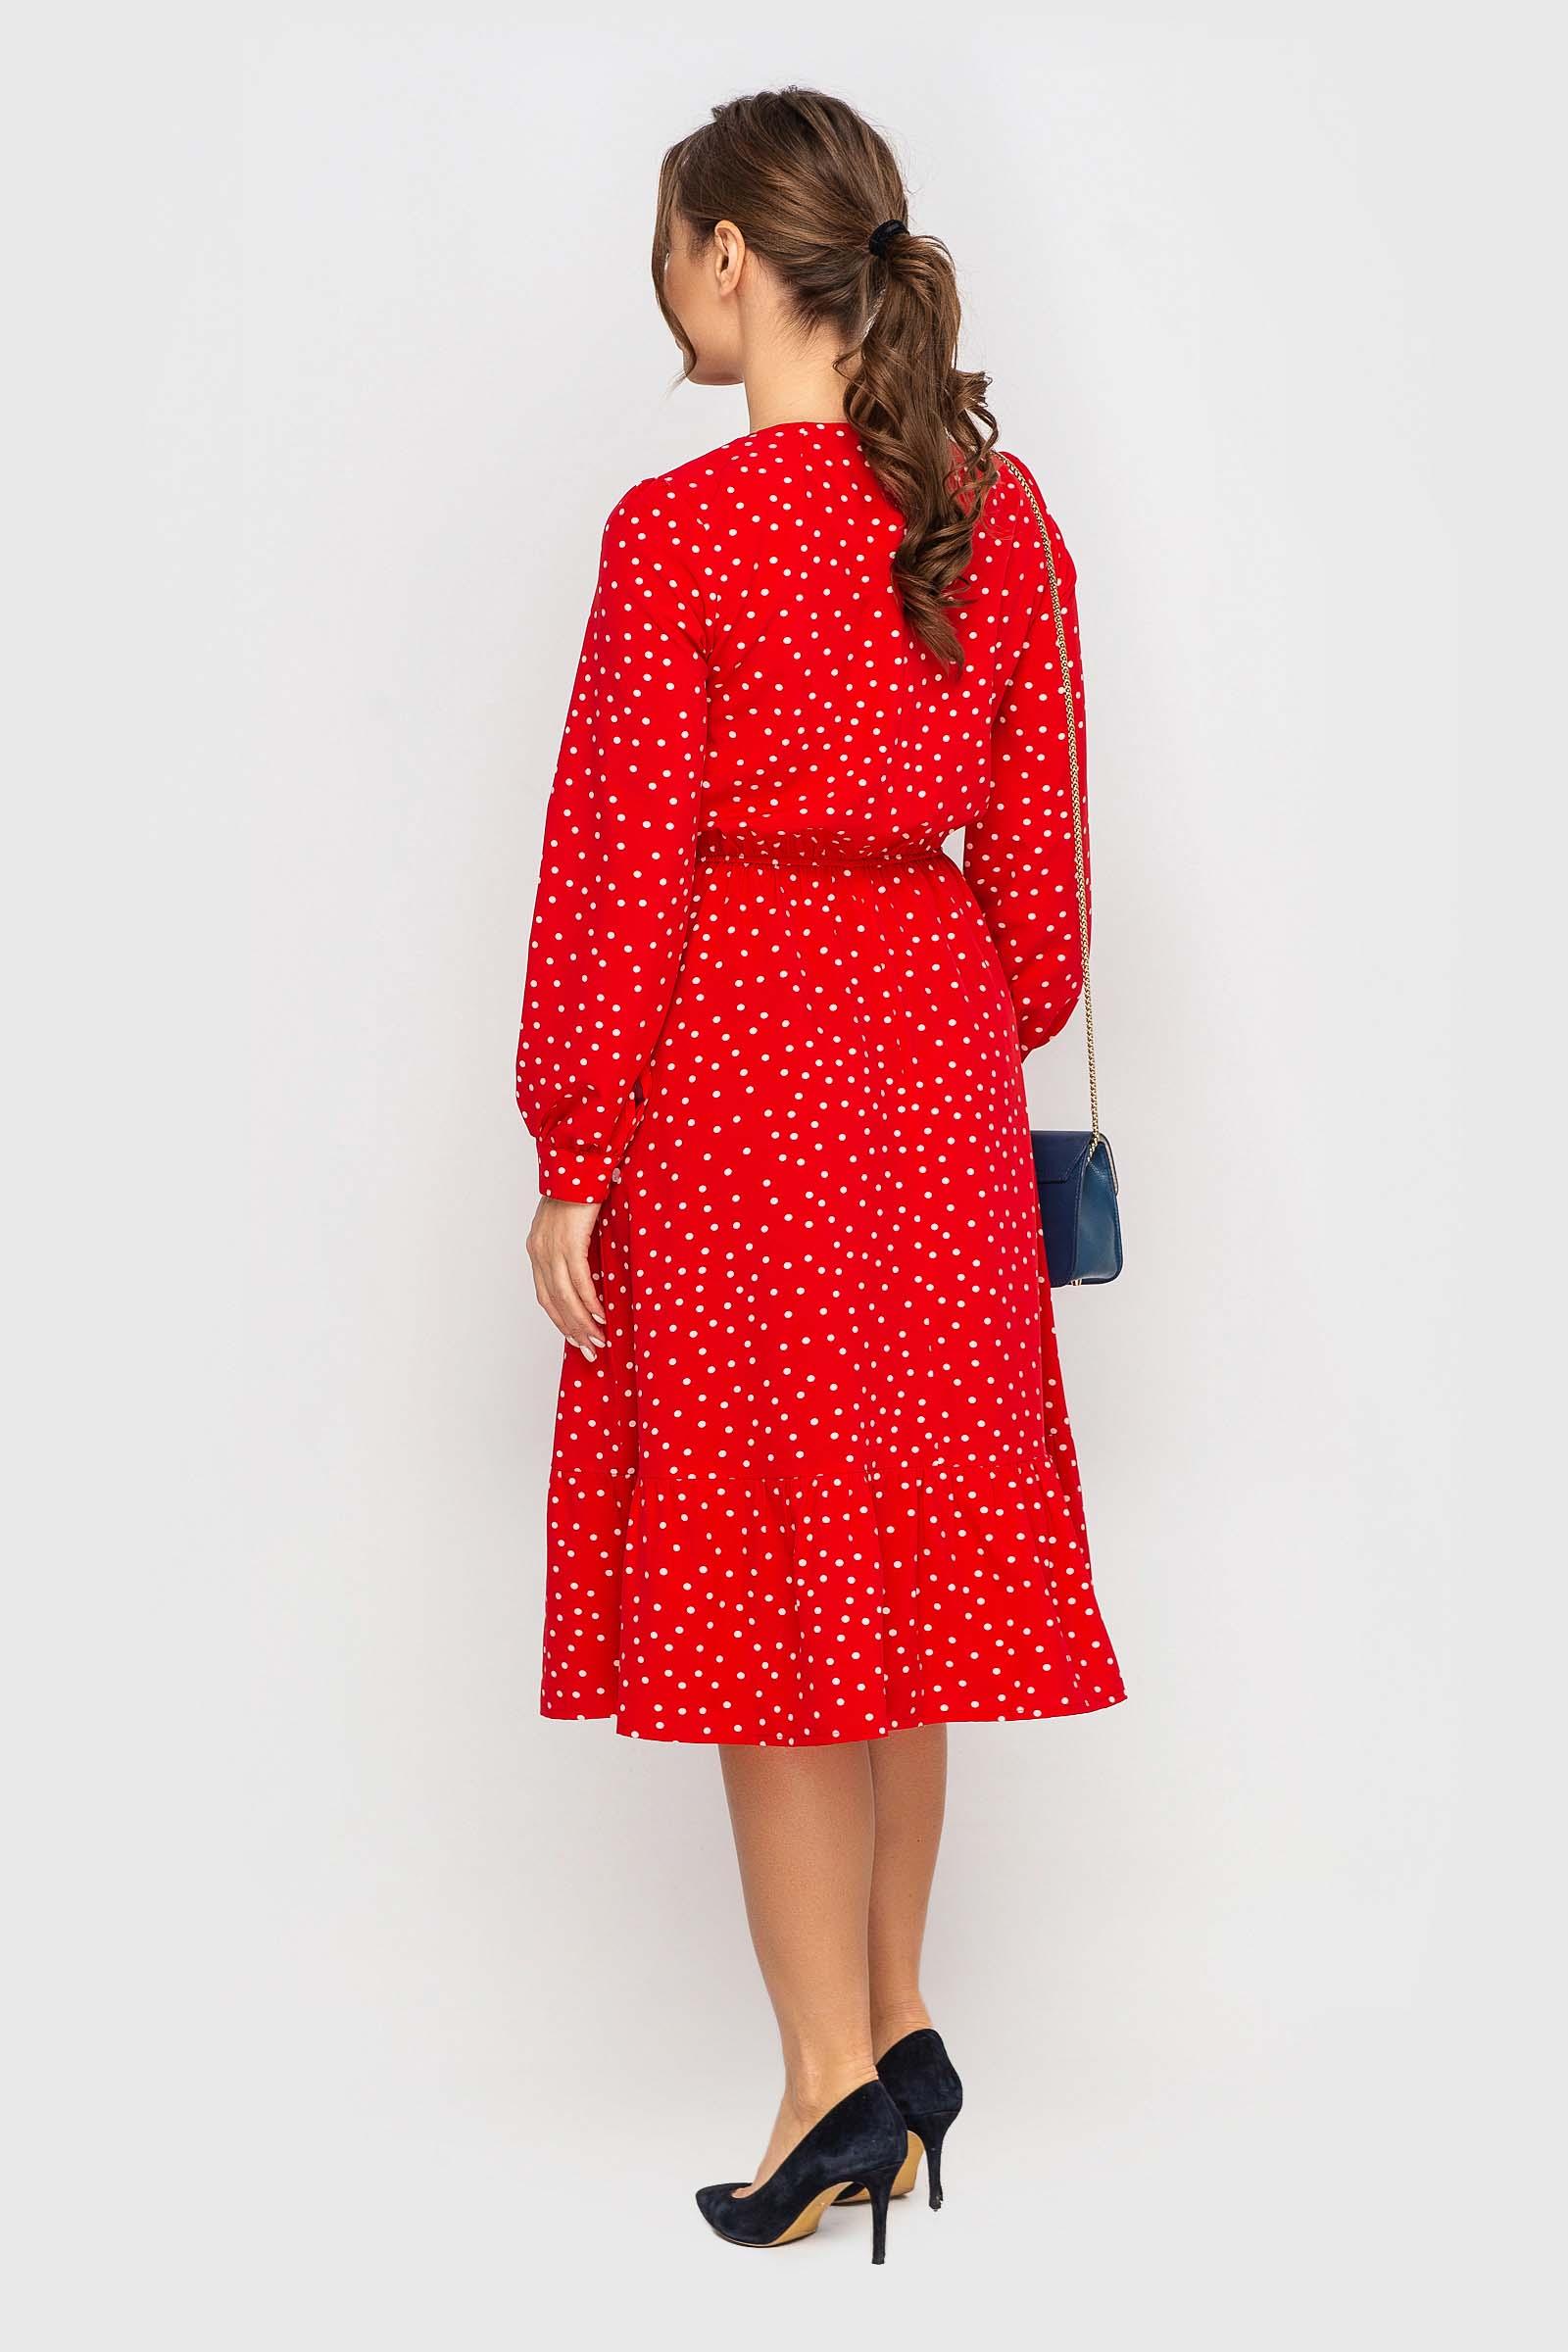 2019 12 21322871 Купить платье